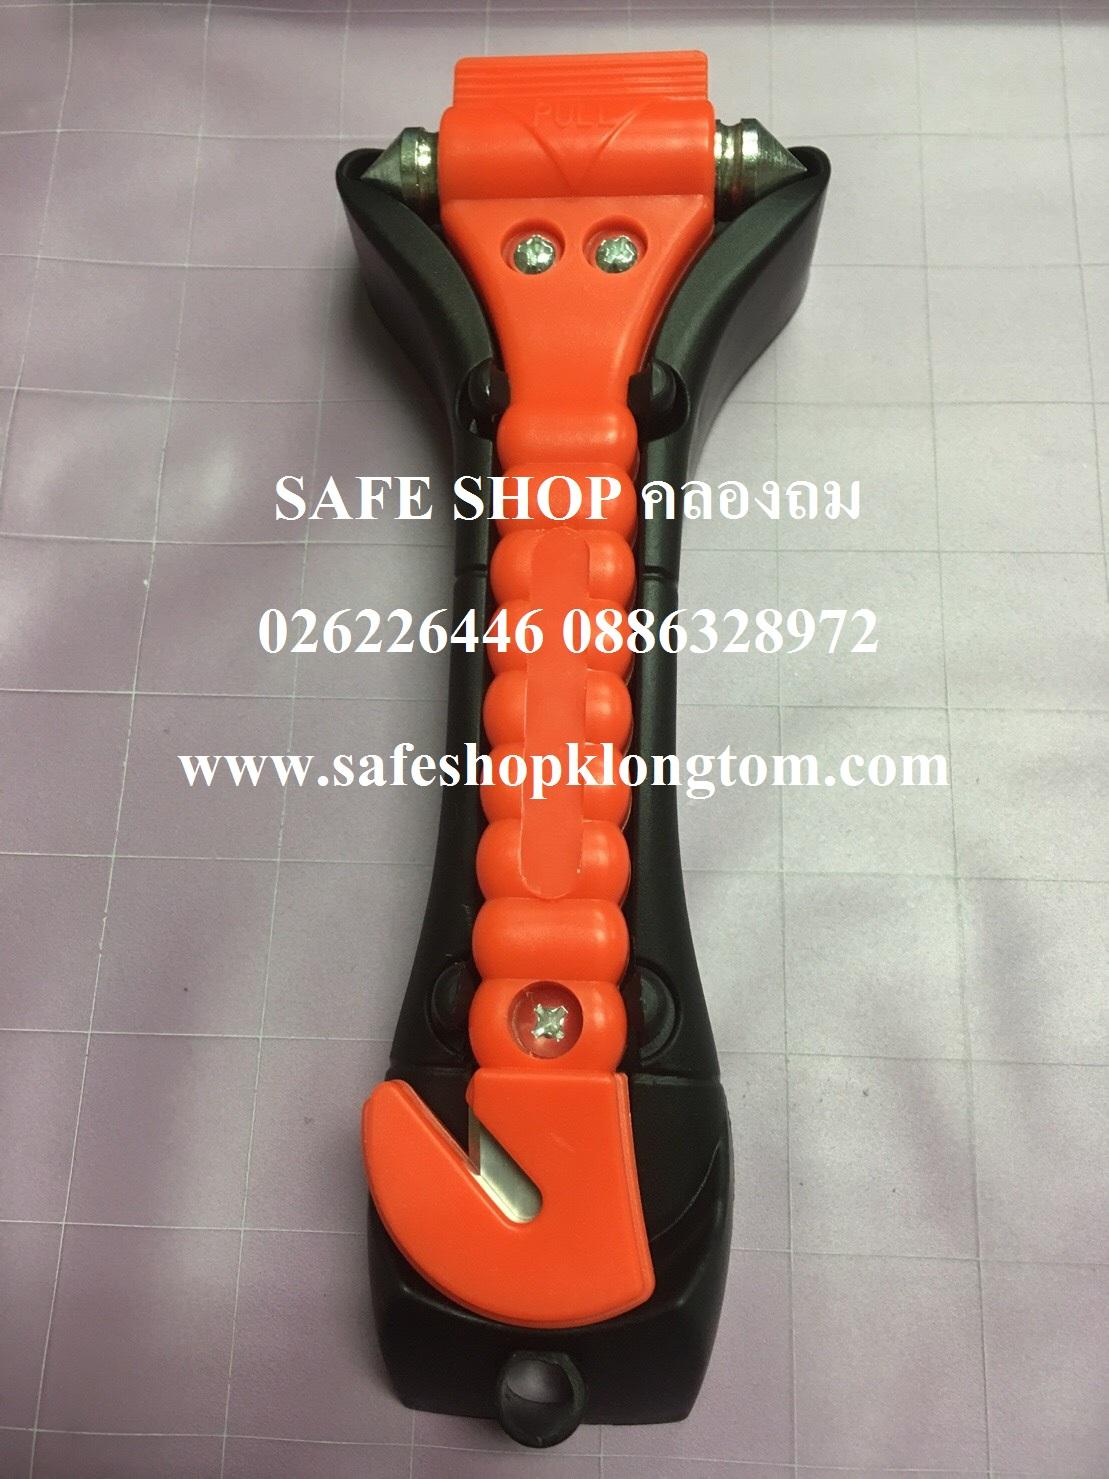 ค้อนทุบกระจกรถยนต์ มีที่ตัดสายเข็มขัดนิรภัยในตัว มาพร้อมขายึด ราคาถูก บริการส่งทั่วประเทศ SAFE SHOP คลองถม